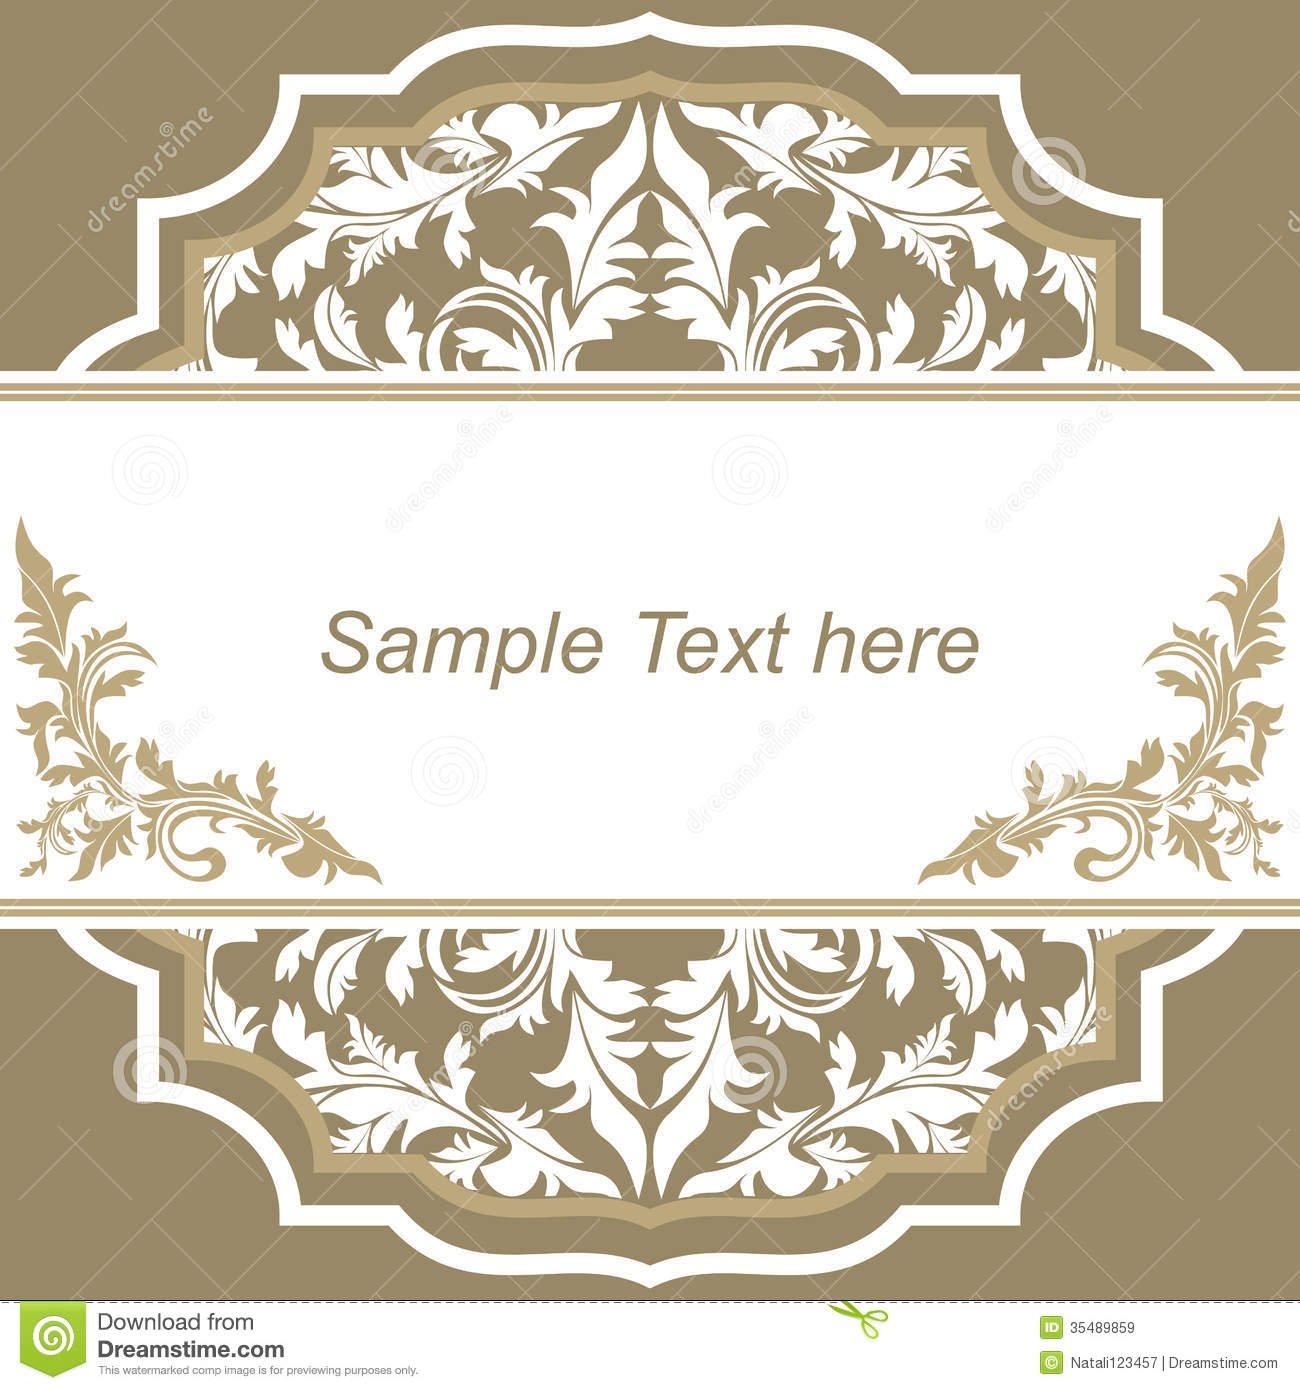 Free Invitation Designs